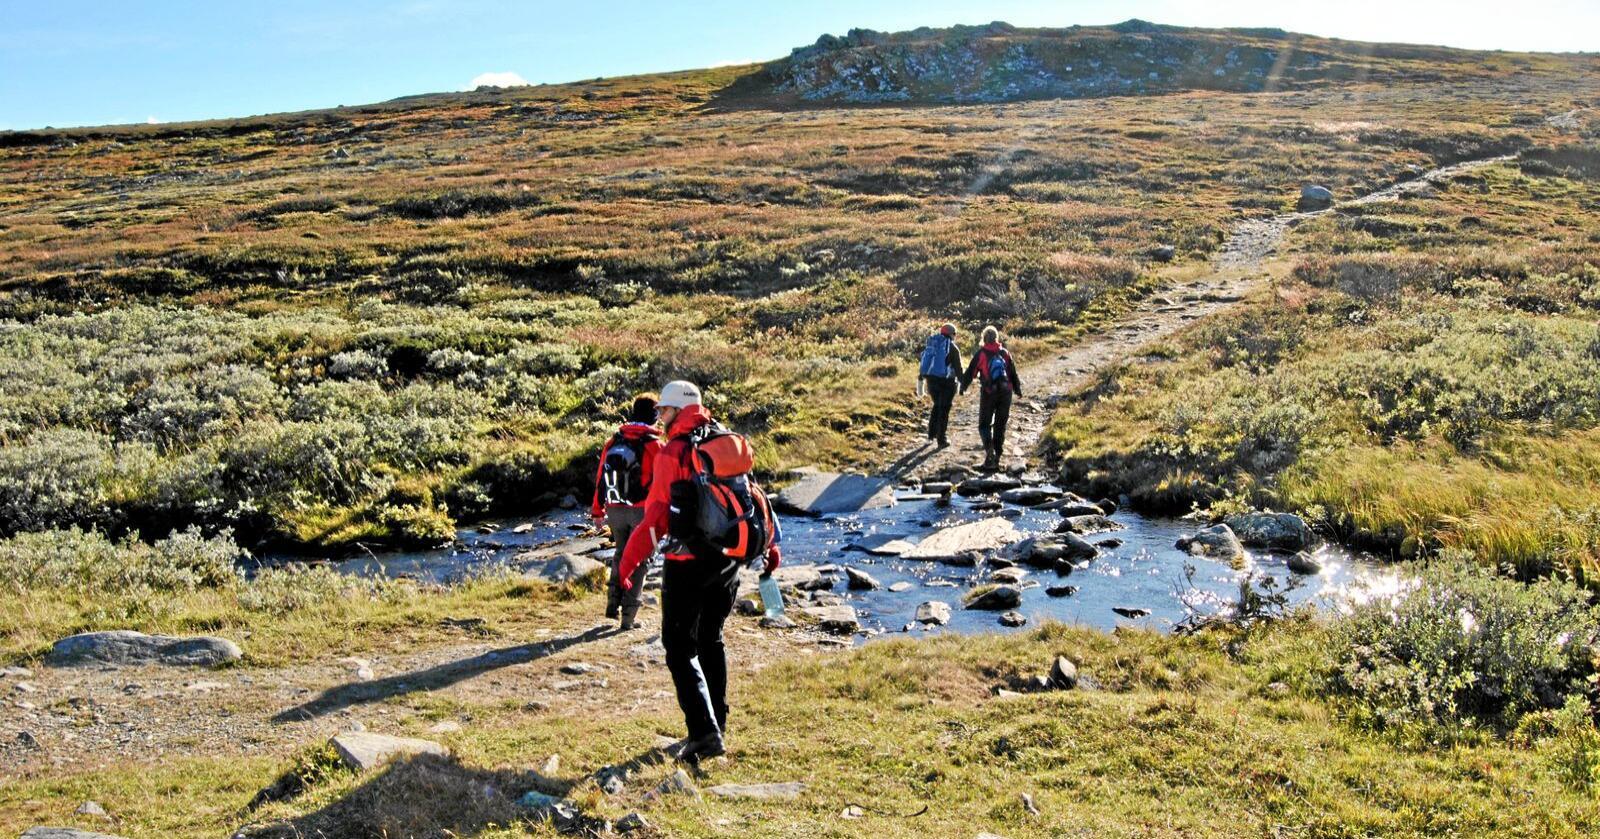 ut på tur aldri sur fjellvandring jentetur sti naturbasert turisme